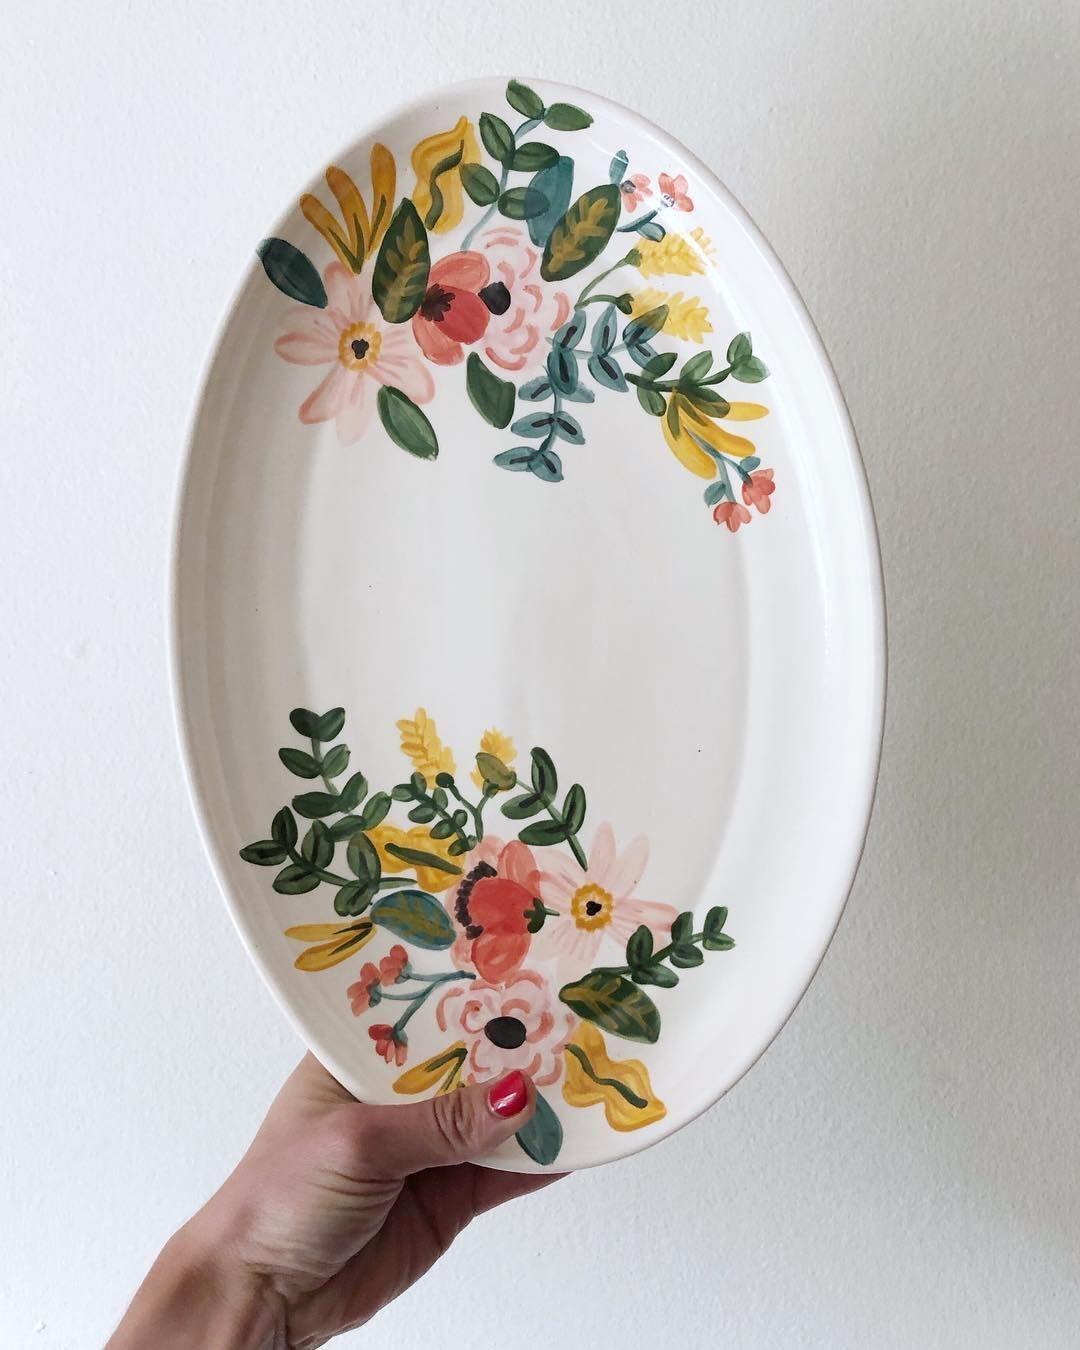 Catalina Cumsille On Instagram Con Estas Dos Fotos Queria Mostrarles Como Quedan Las Piezas Cuan In 2020 Pottery Painting Designs Painted Ceramic Plates Ceramic Cafe